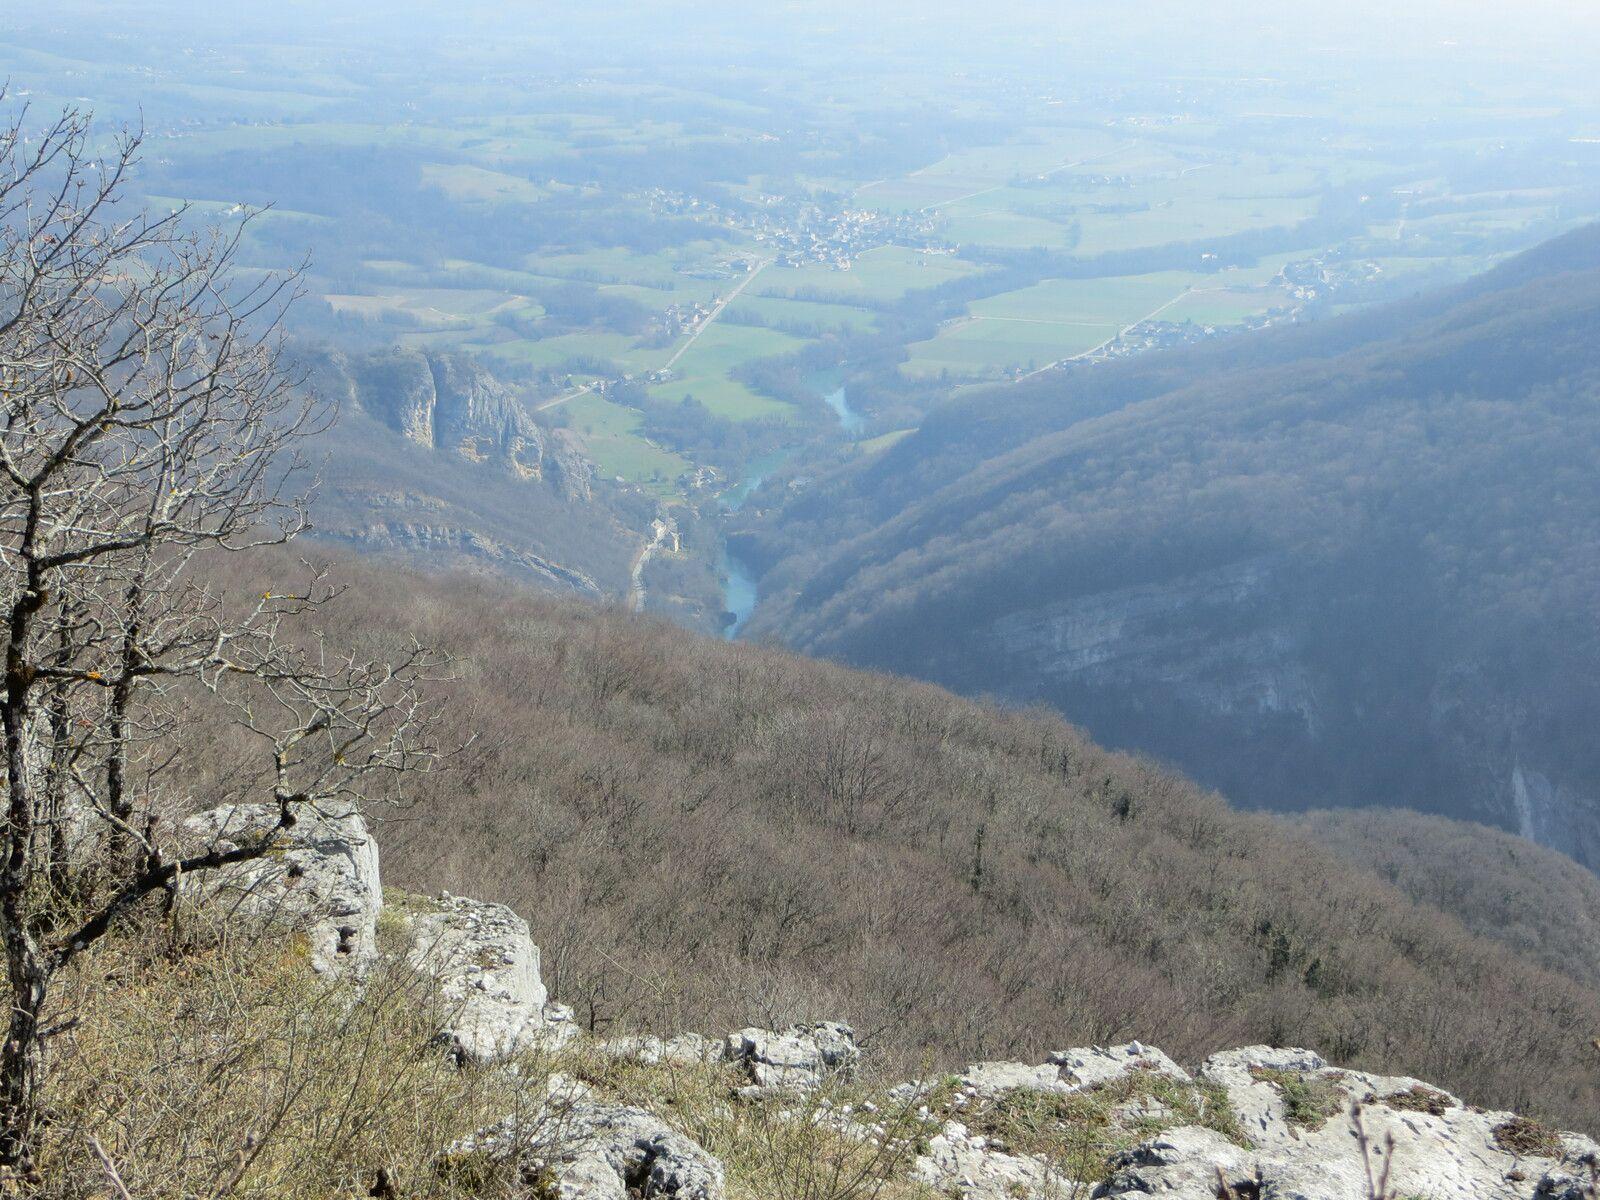 Vue Sud sur les gorges du Fier et le village de Lornay